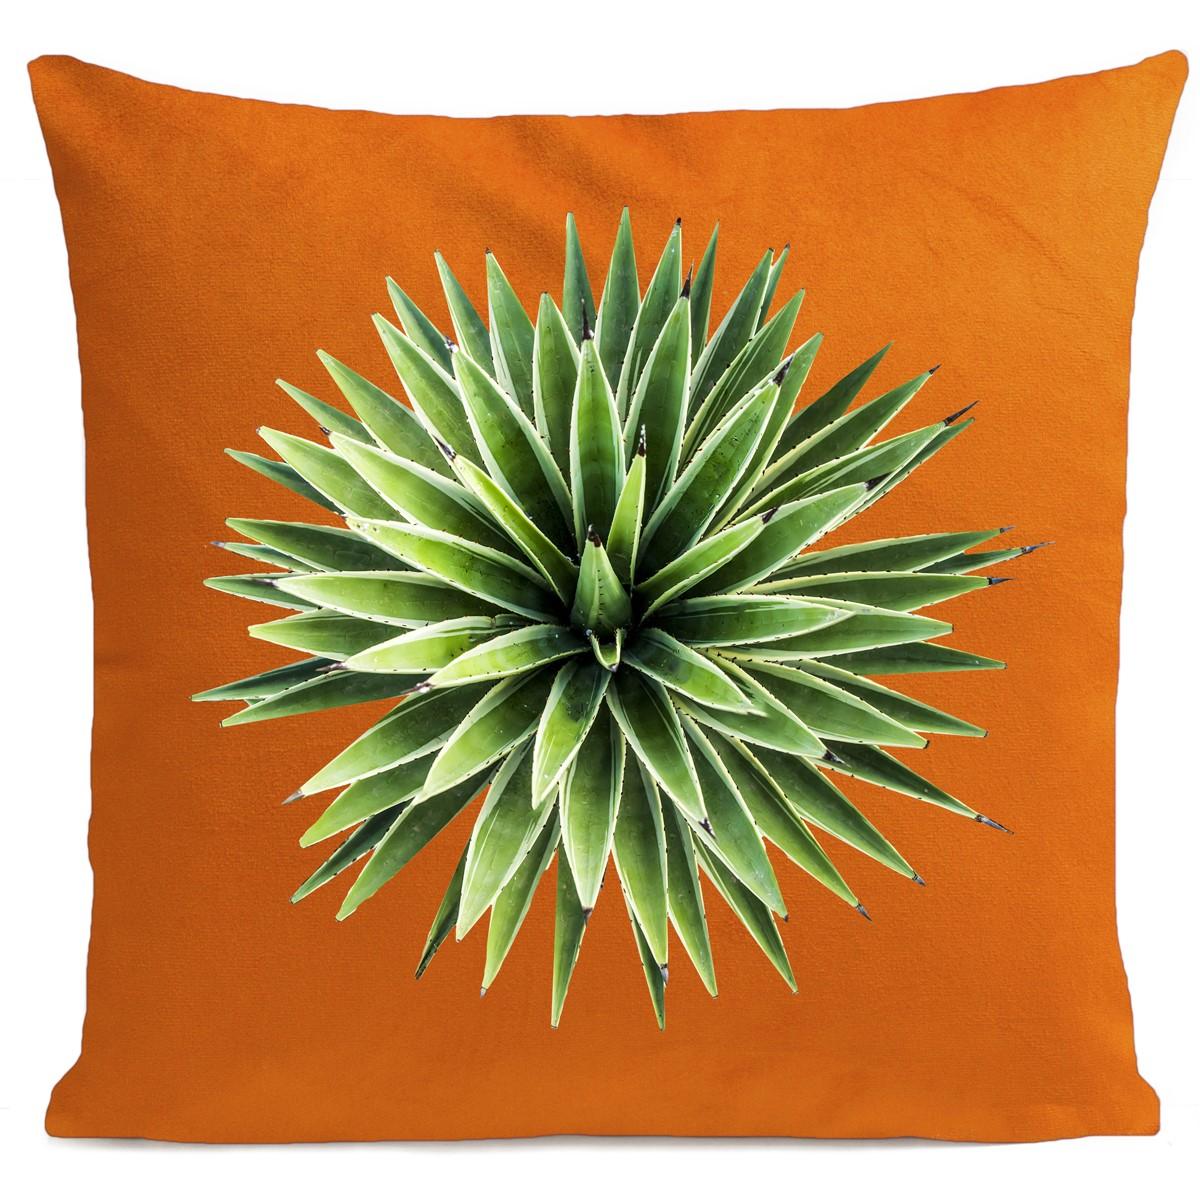 Coussin velours carré imprimé floraux orange vif 40x40